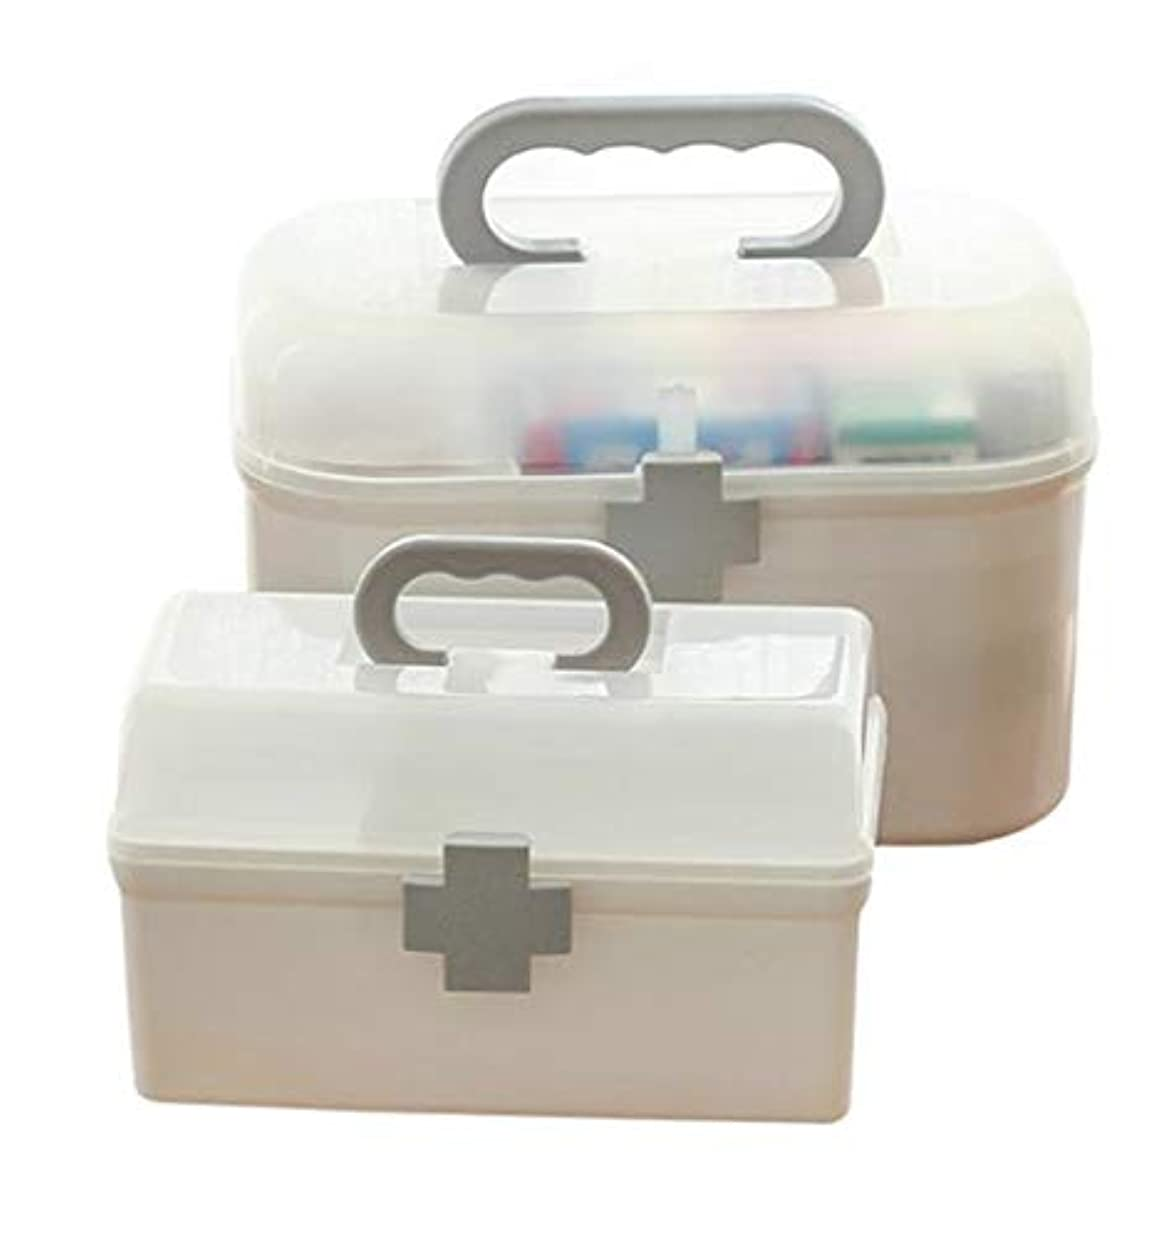 転用と遊ぶ害虫(フッカツ)薬箱 救急箱 応急処置 多機能 大容量 収納ボックス 薬入れ 小物入れ 2段式 道具ケース メイクケース ベビー 大人 家庭用 十字ロック ホワイトL